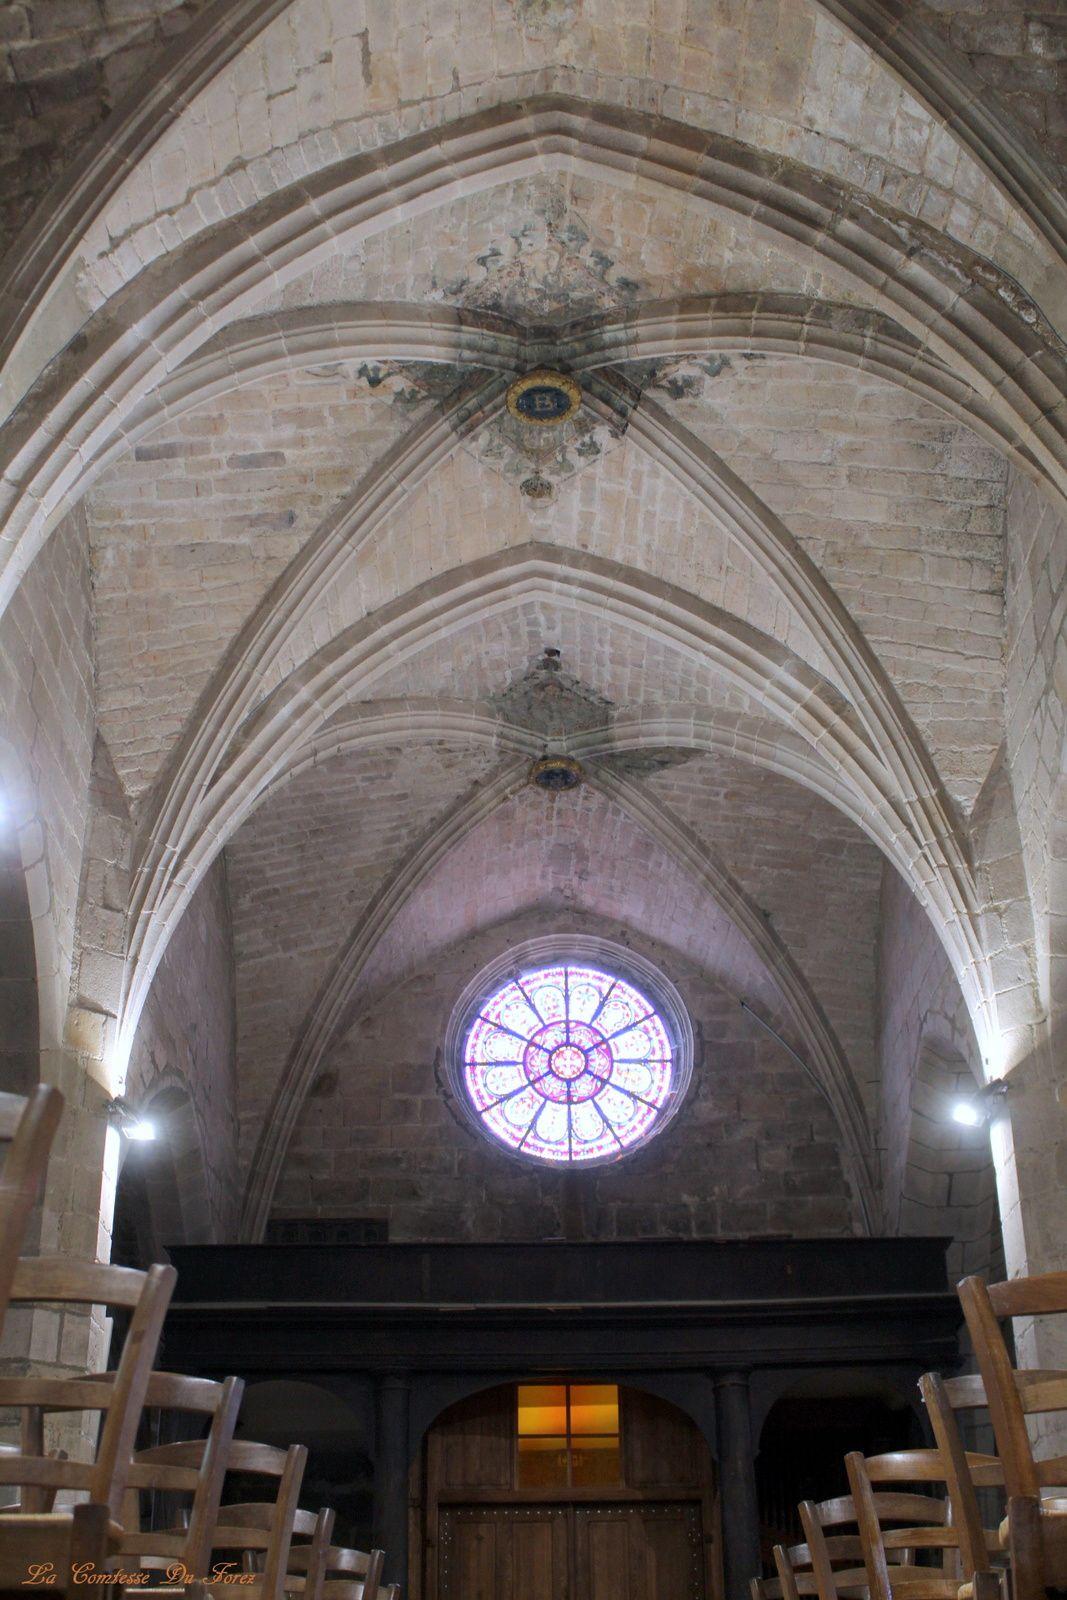 Saint-Bonnet-Le-Château (42380, Loire)